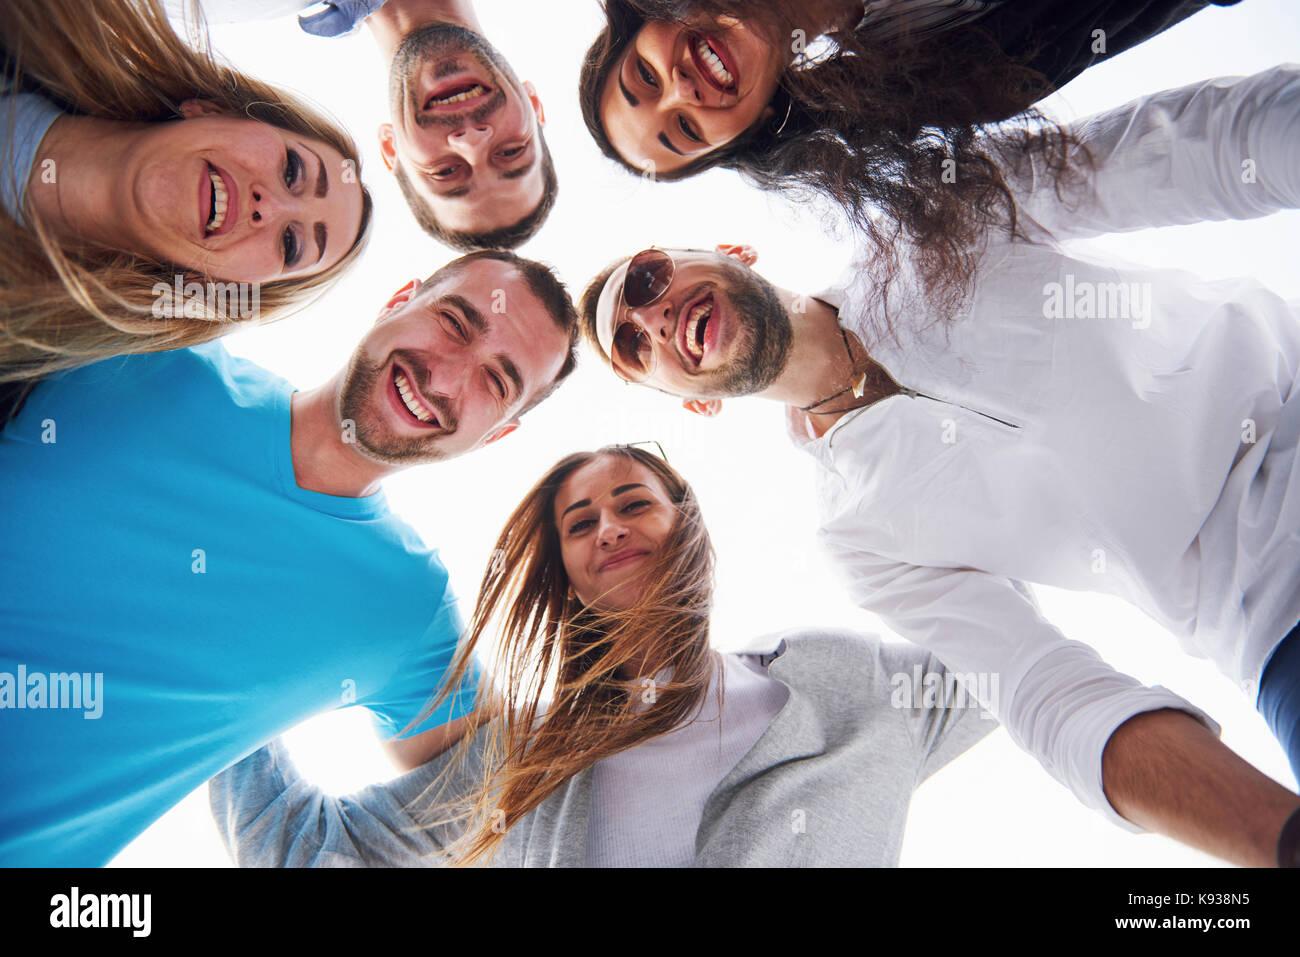 Retrato de un grupo de jóvenes sentados en el borde del muelle, en la naturaleza. amigos disfrutando de un Imagen De Stock